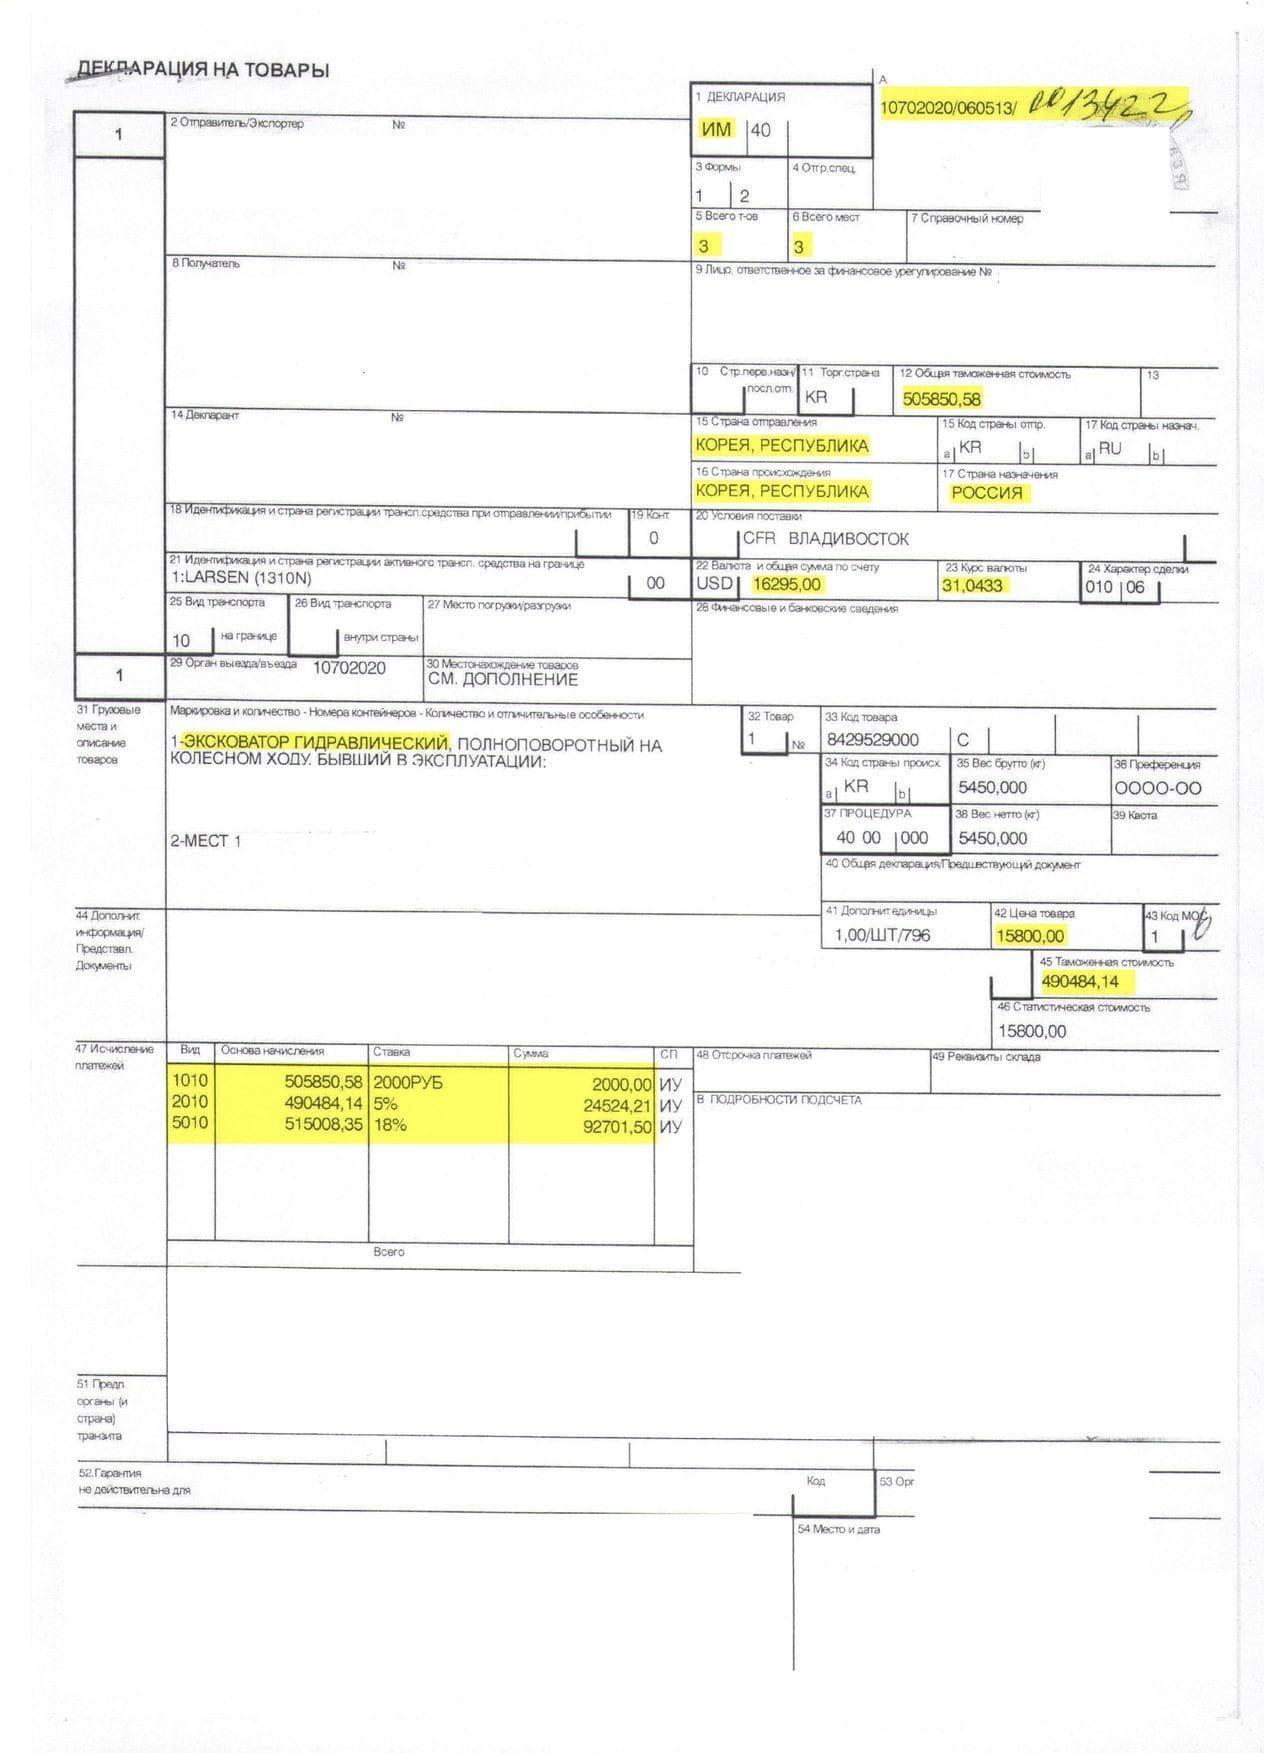 Пример декларации на товары. Автор24 — интернет-биржа студенческих работ